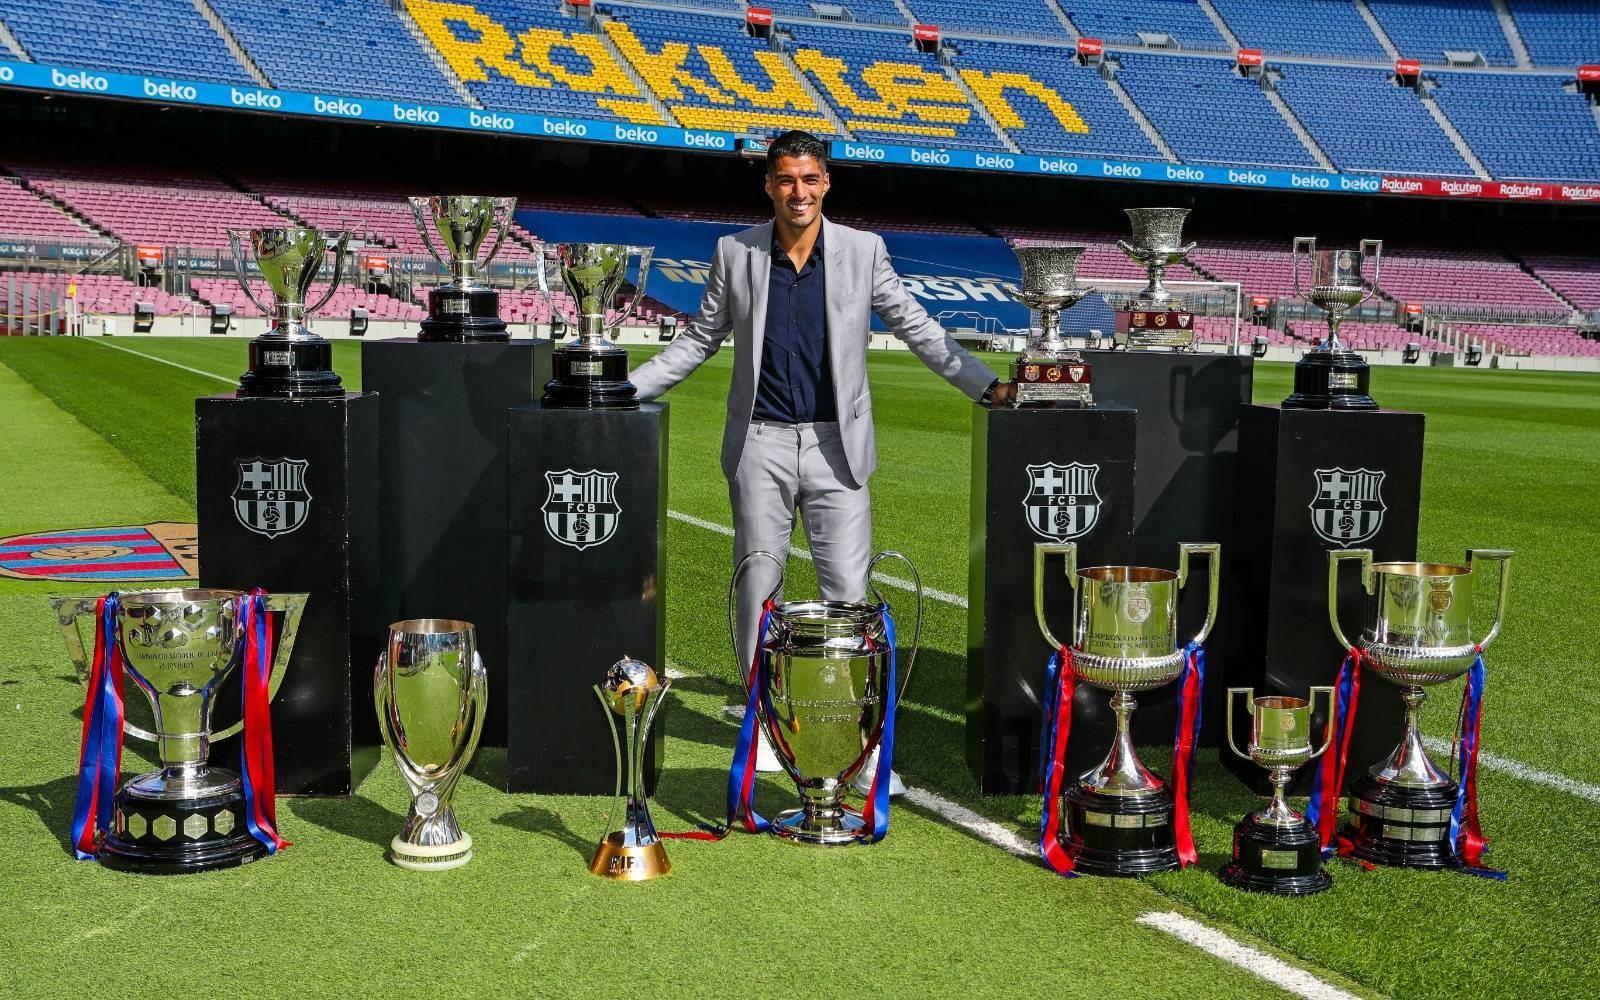 سواريز في صورة مع كؤوس البطولات التي حققها في برشلونة